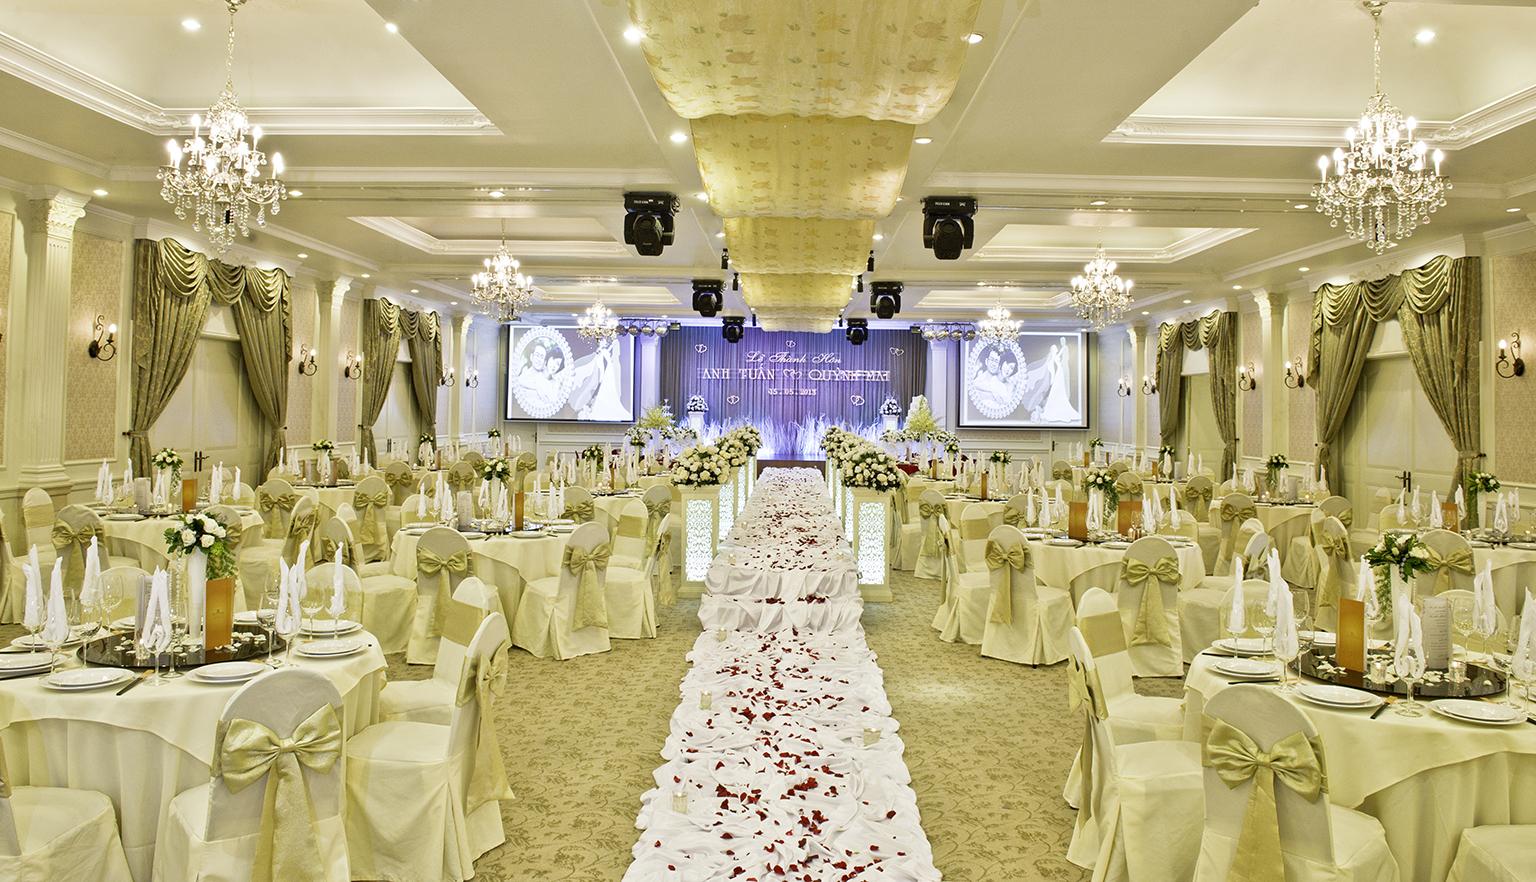 10 lưu ý khi tổ chức tiệc cưới tại nhà hàng